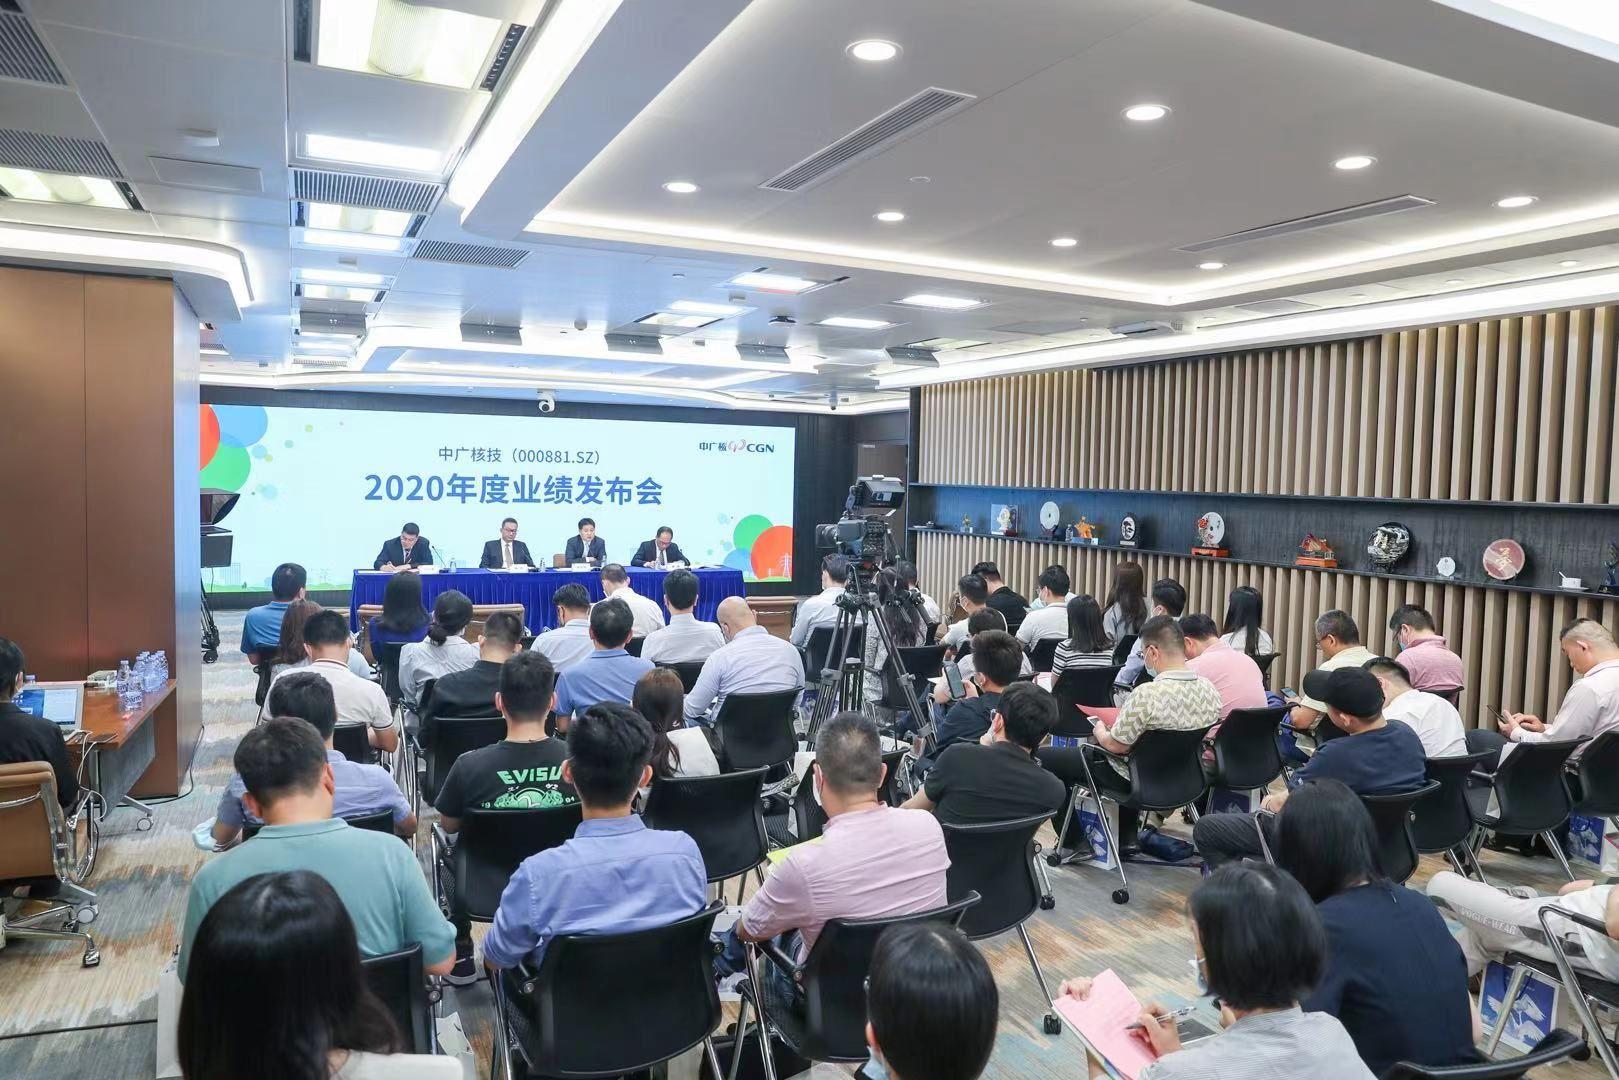 中广核技2020年净利润同比增长164%,营业收入2/3来源新材料业务